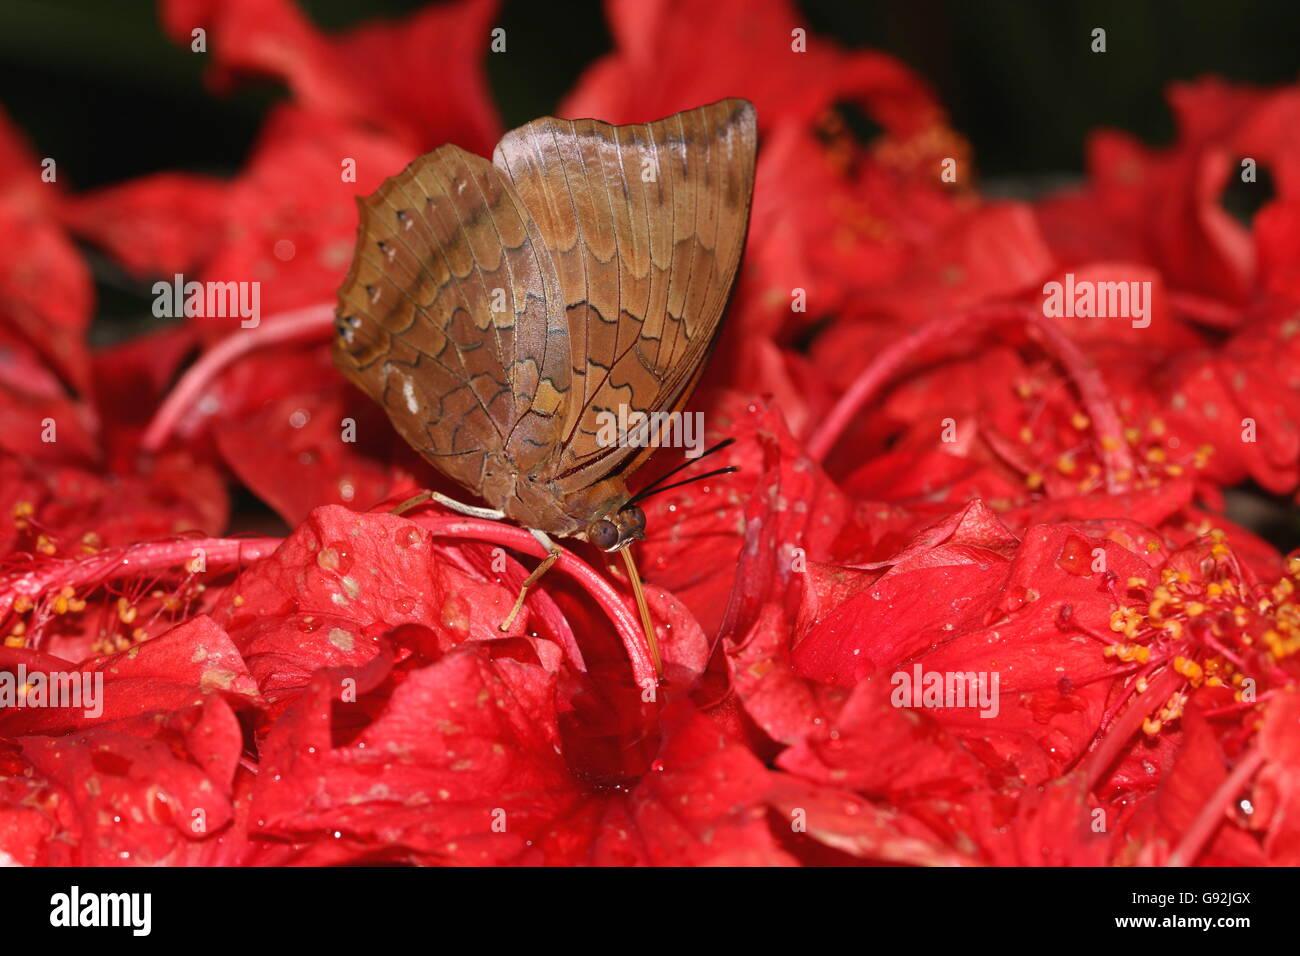 Mariposa marrón común chupar néctar de flores de hibisco. Foto de stock